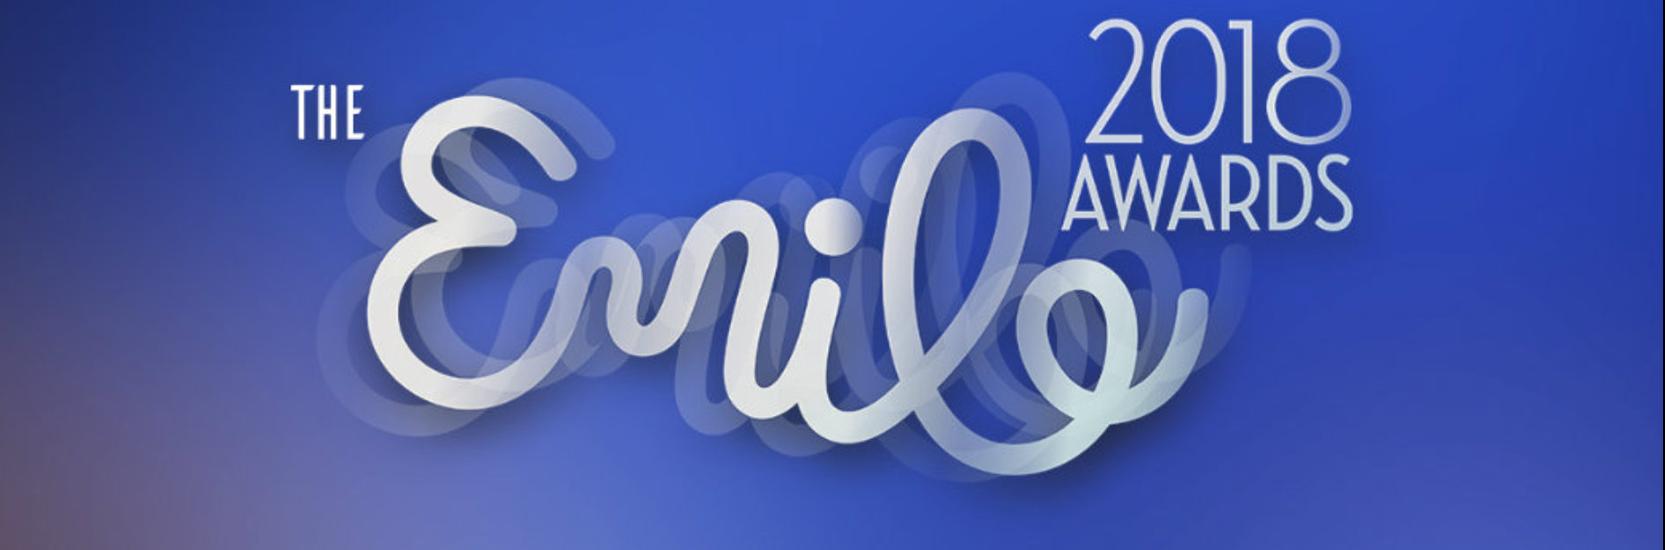 Découvrez les lauréats des Emile Awards 2018 !